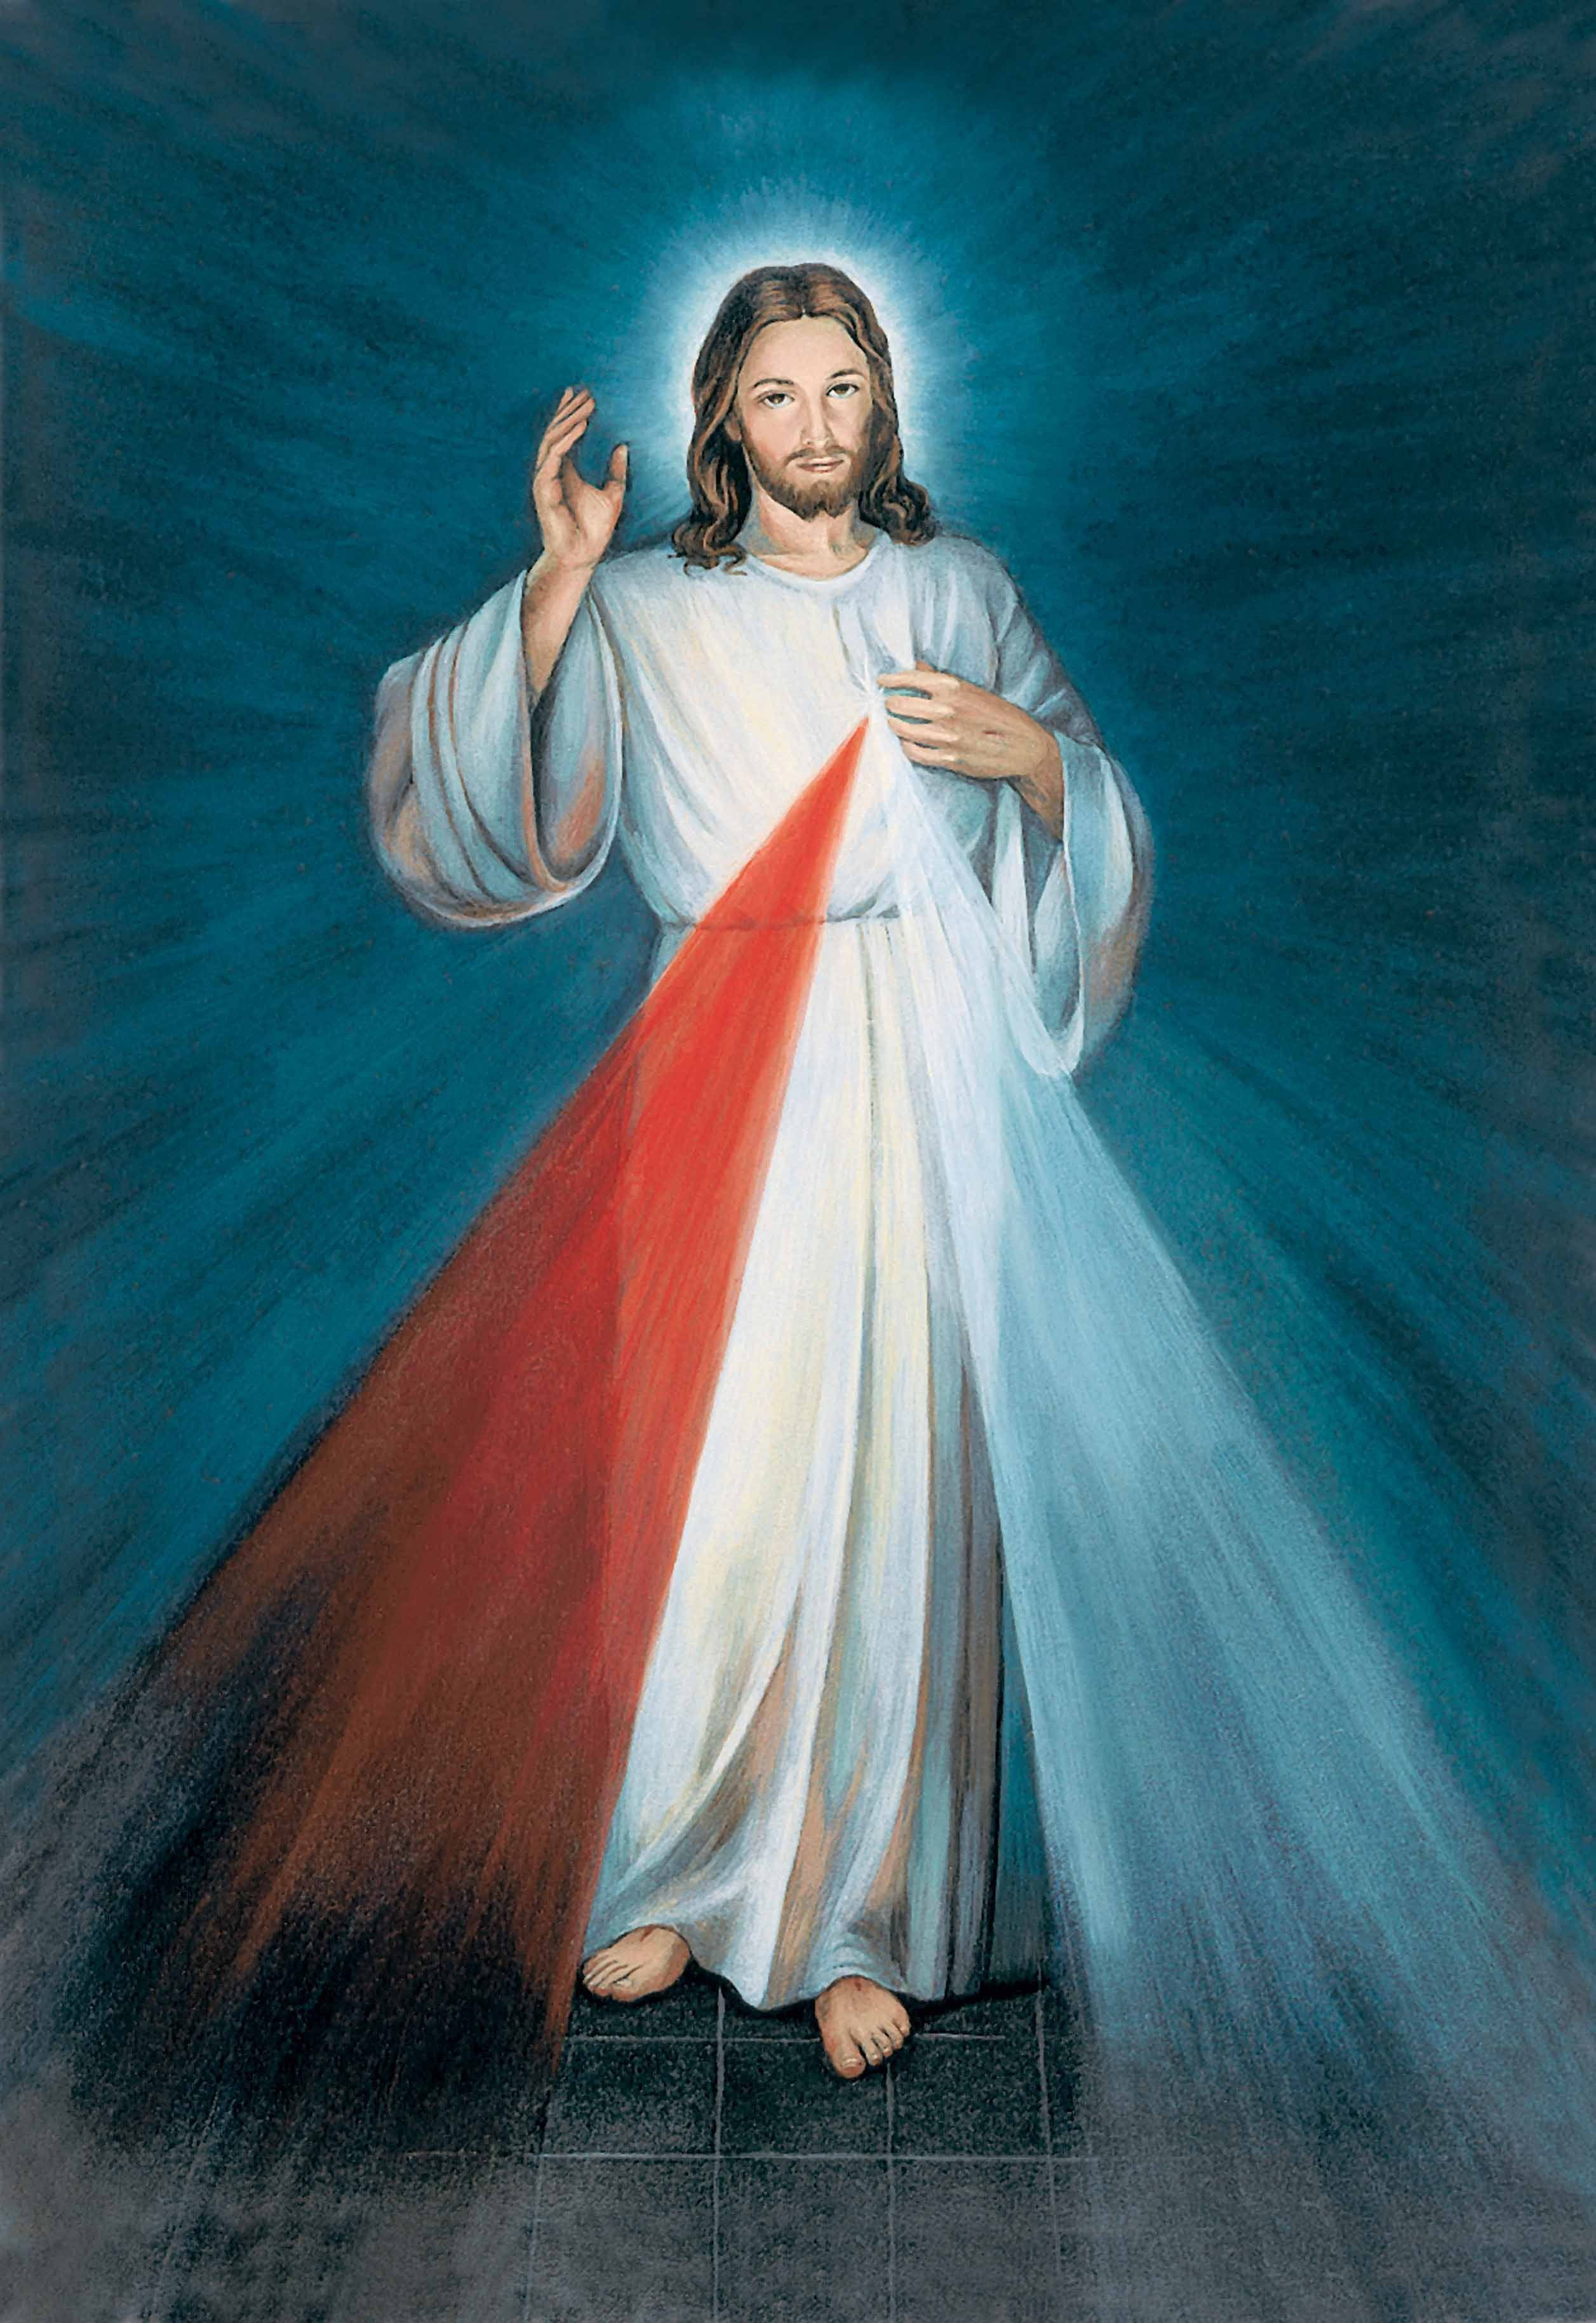 Jesus Divine Mercy image